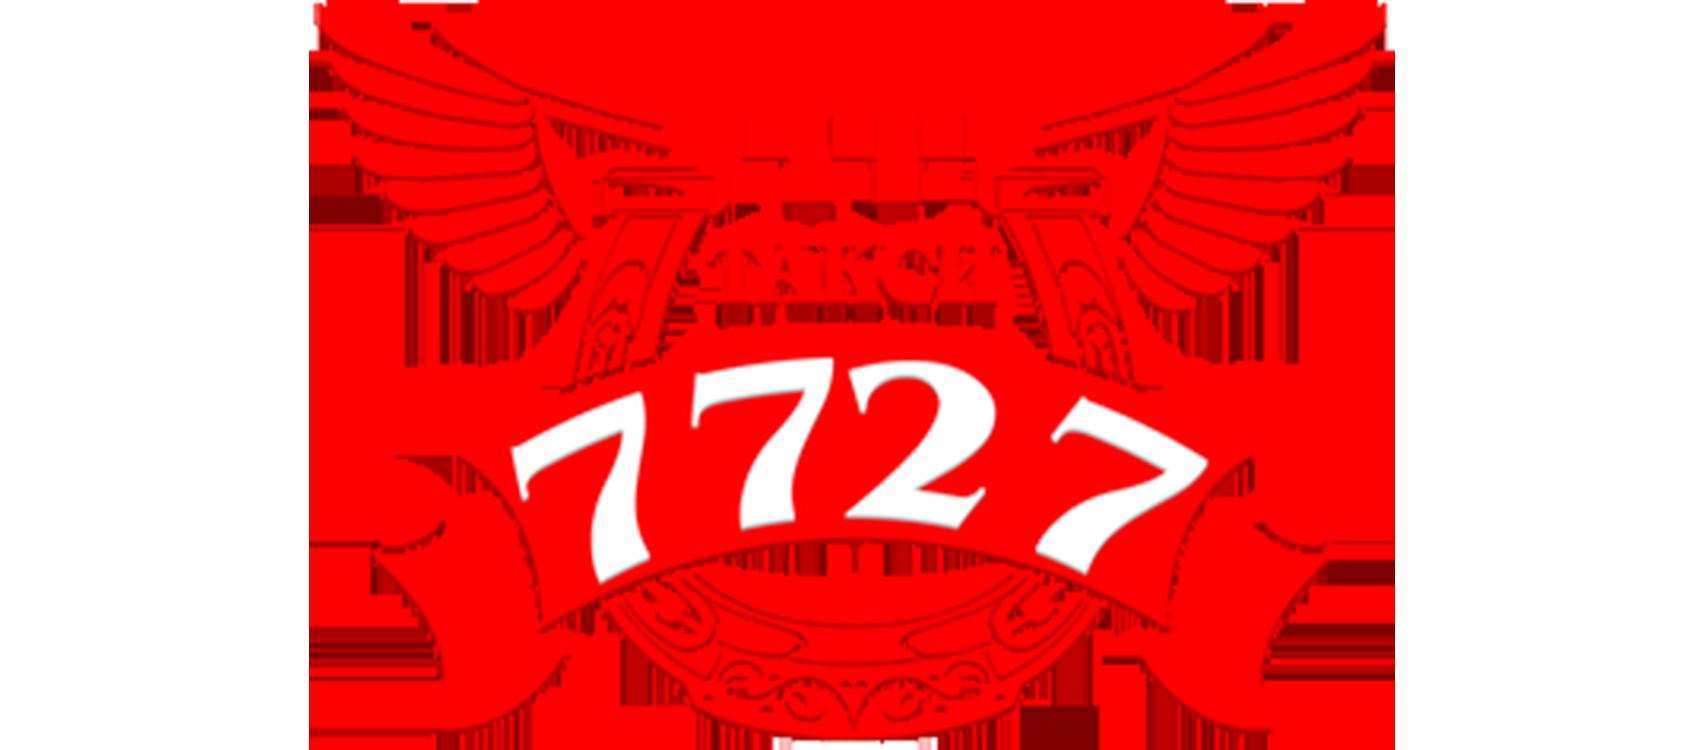 Таксі 7727  (Мариуполь)